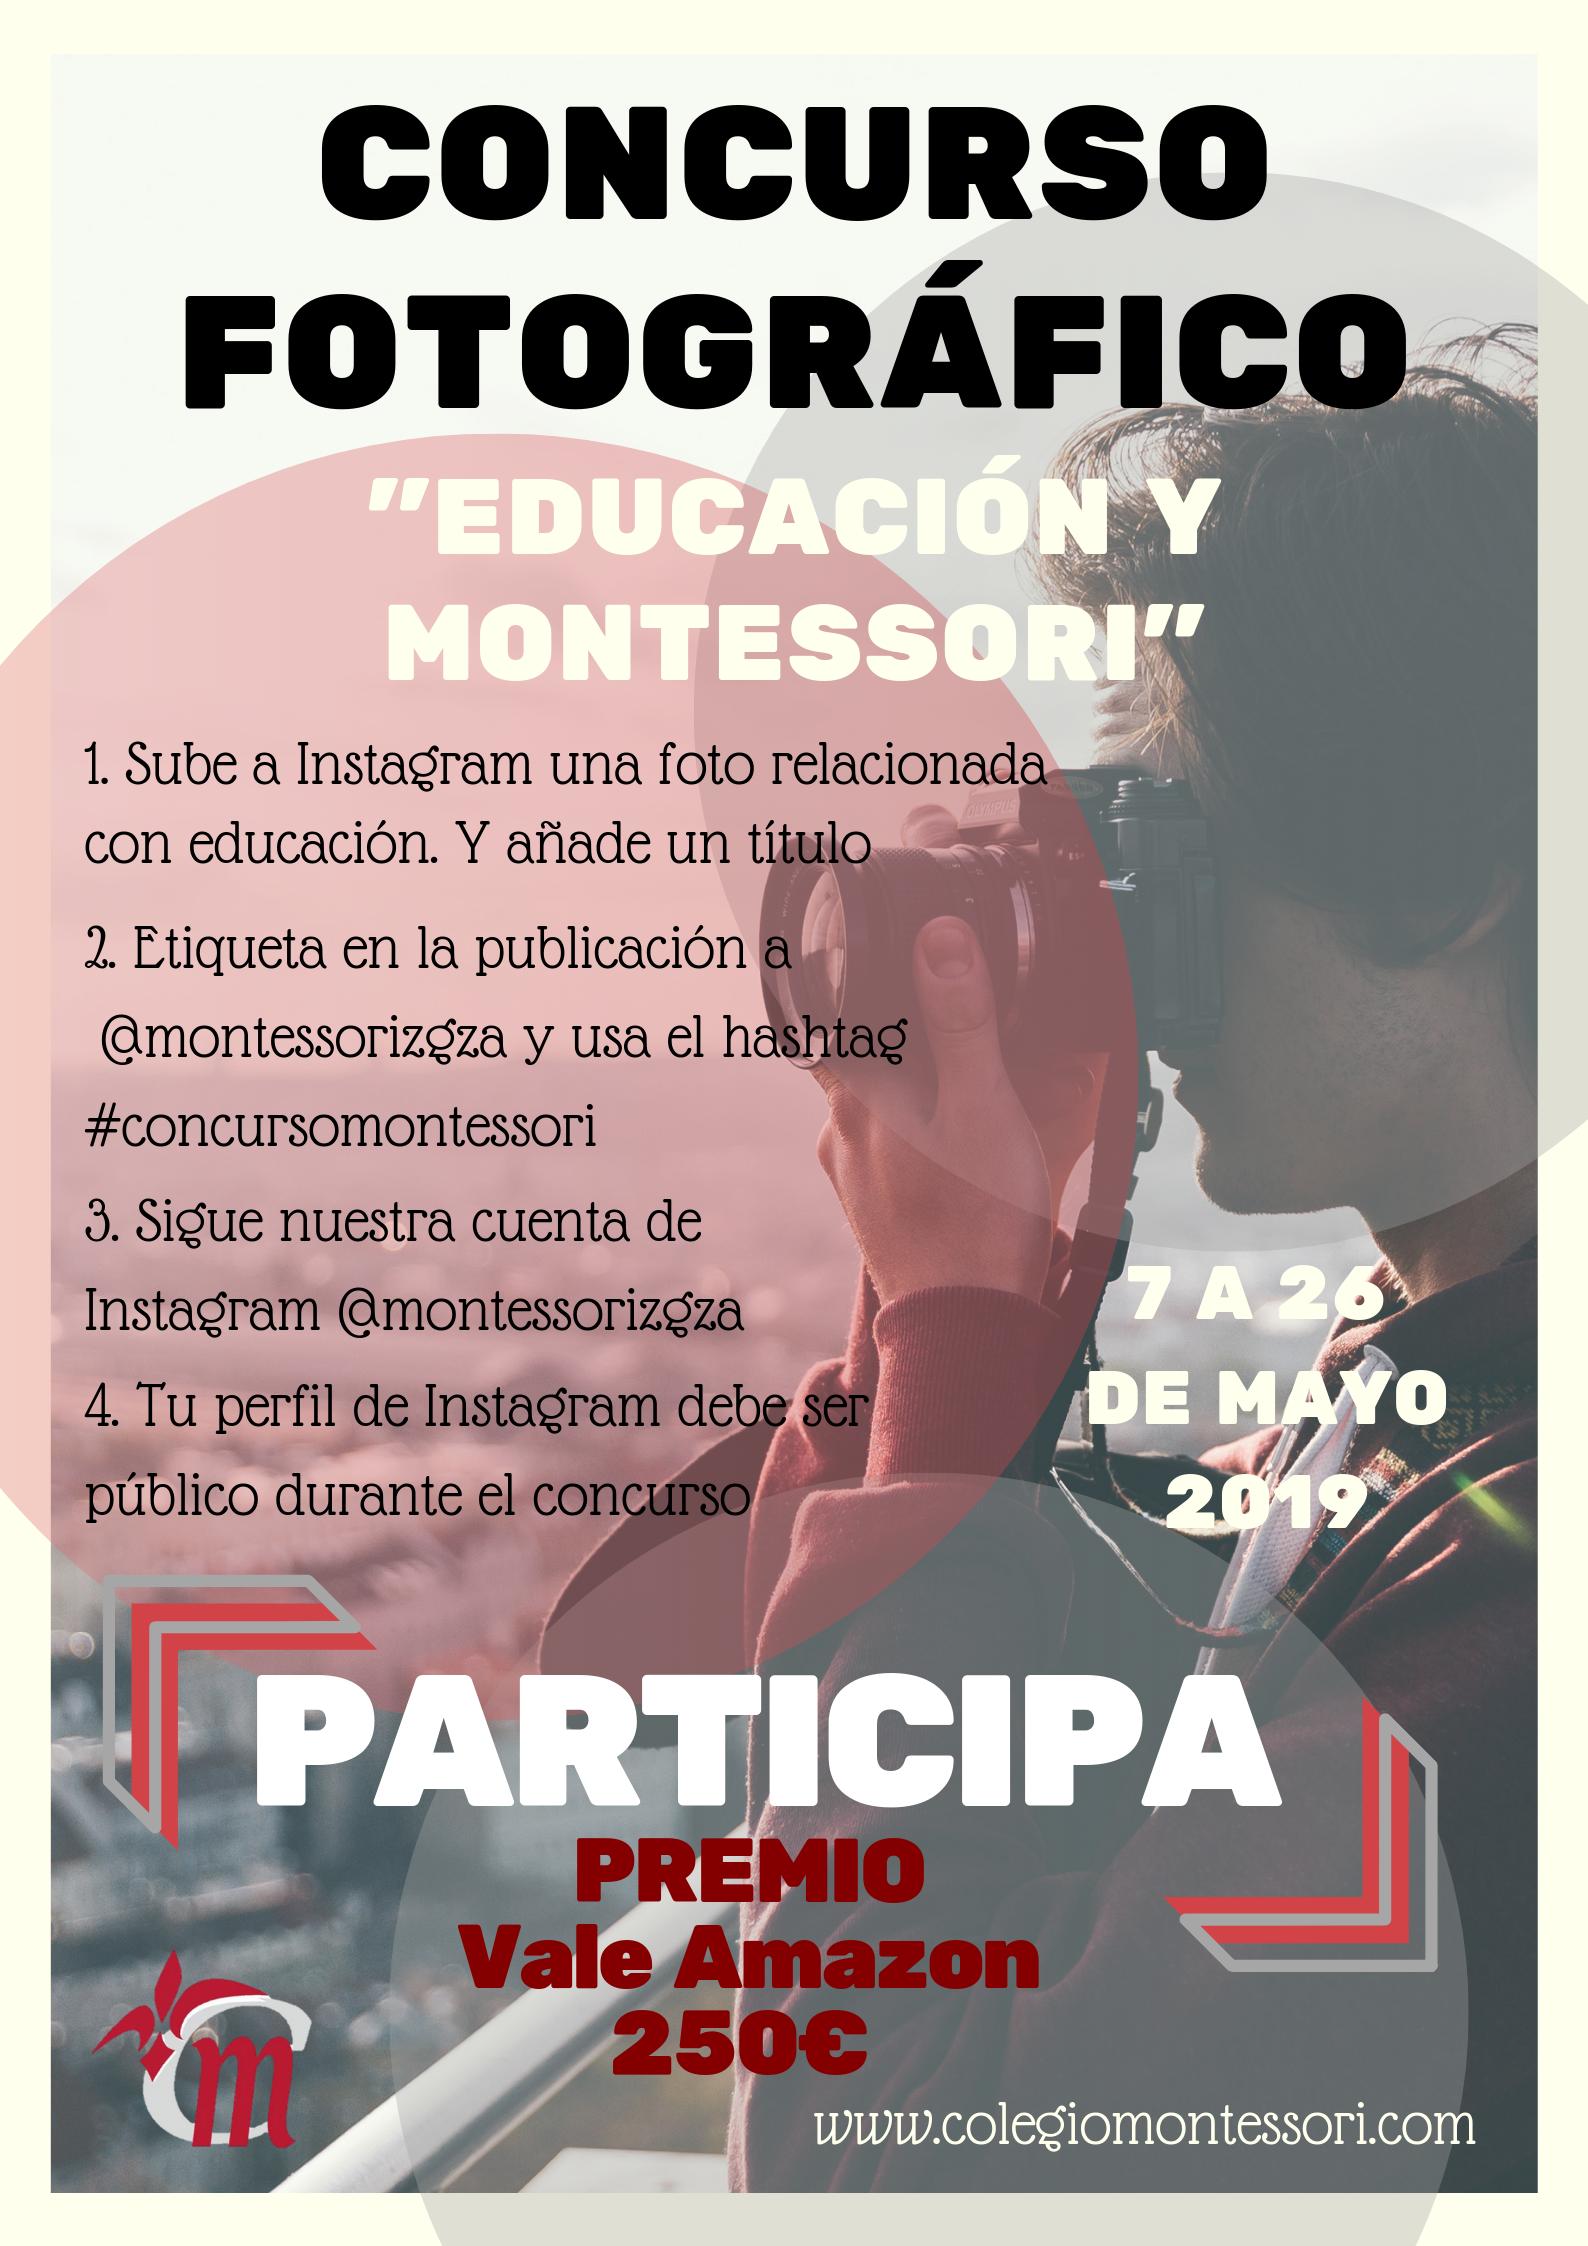 Concurso de fotos de educación Montessori, hasta el 26 de mayo de 2019